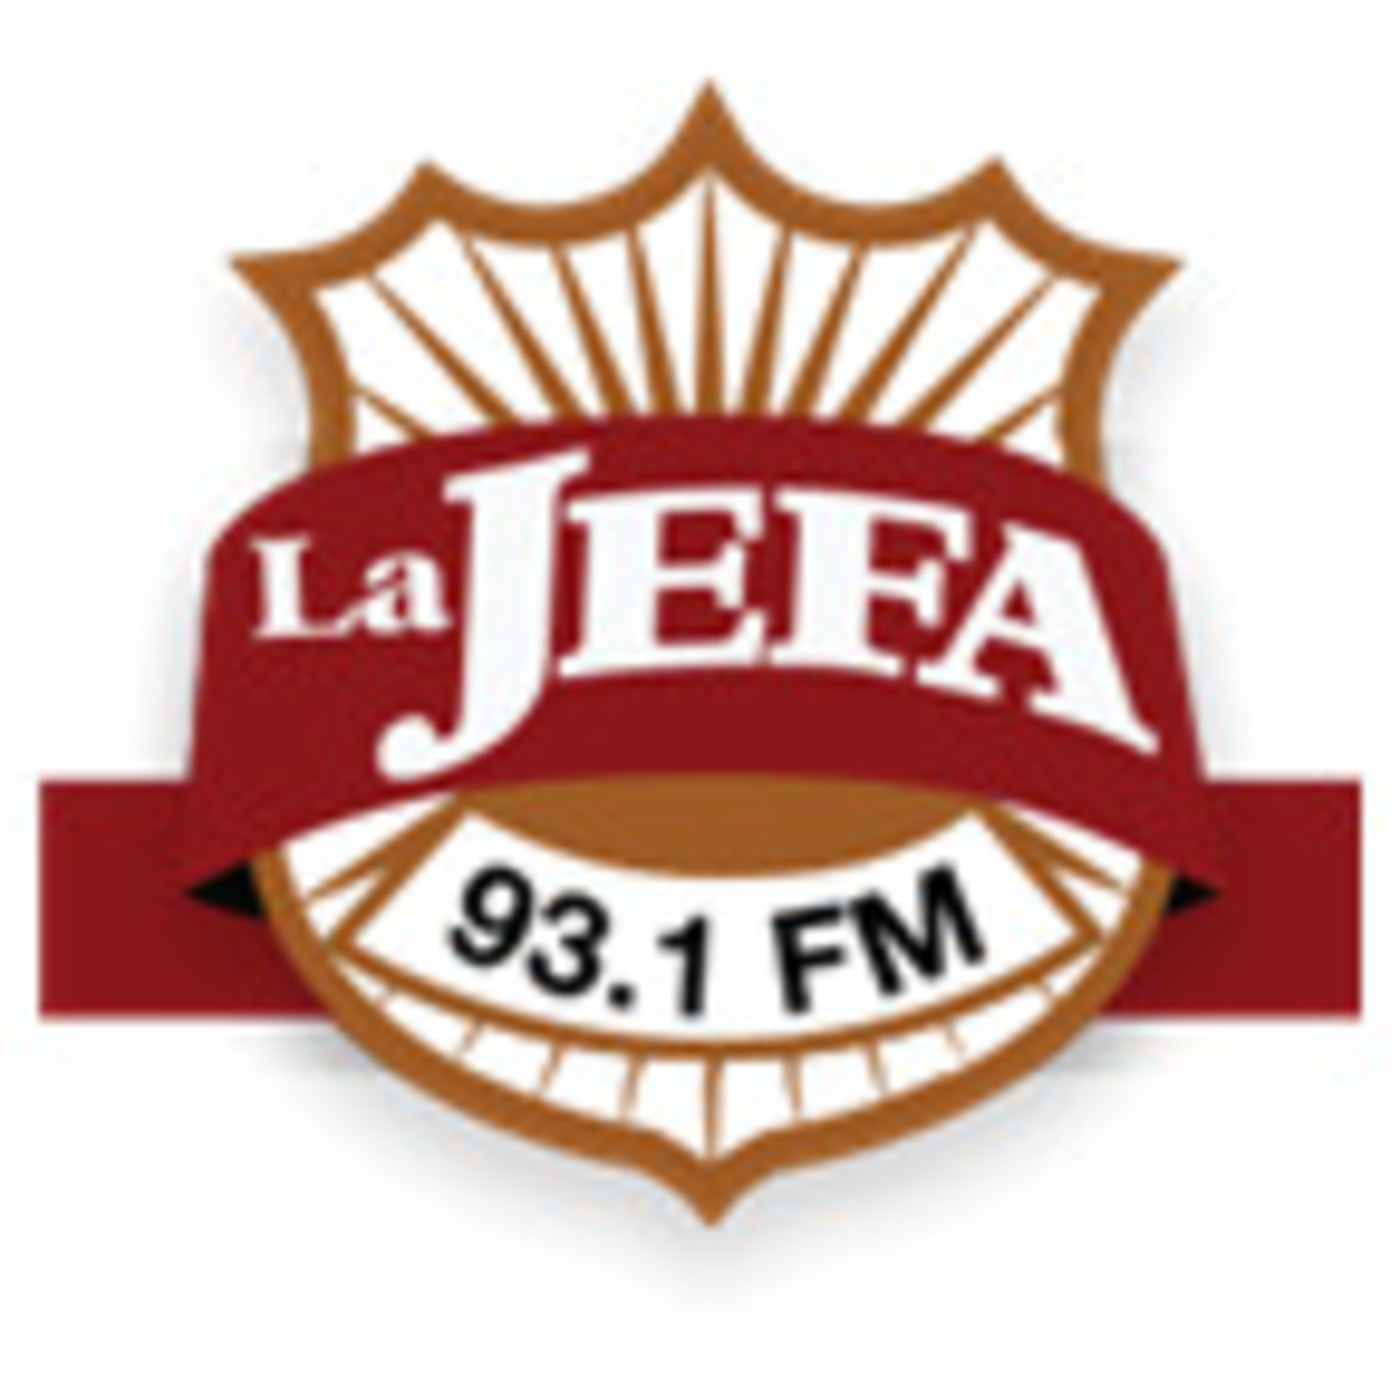 La Jefa 93.1